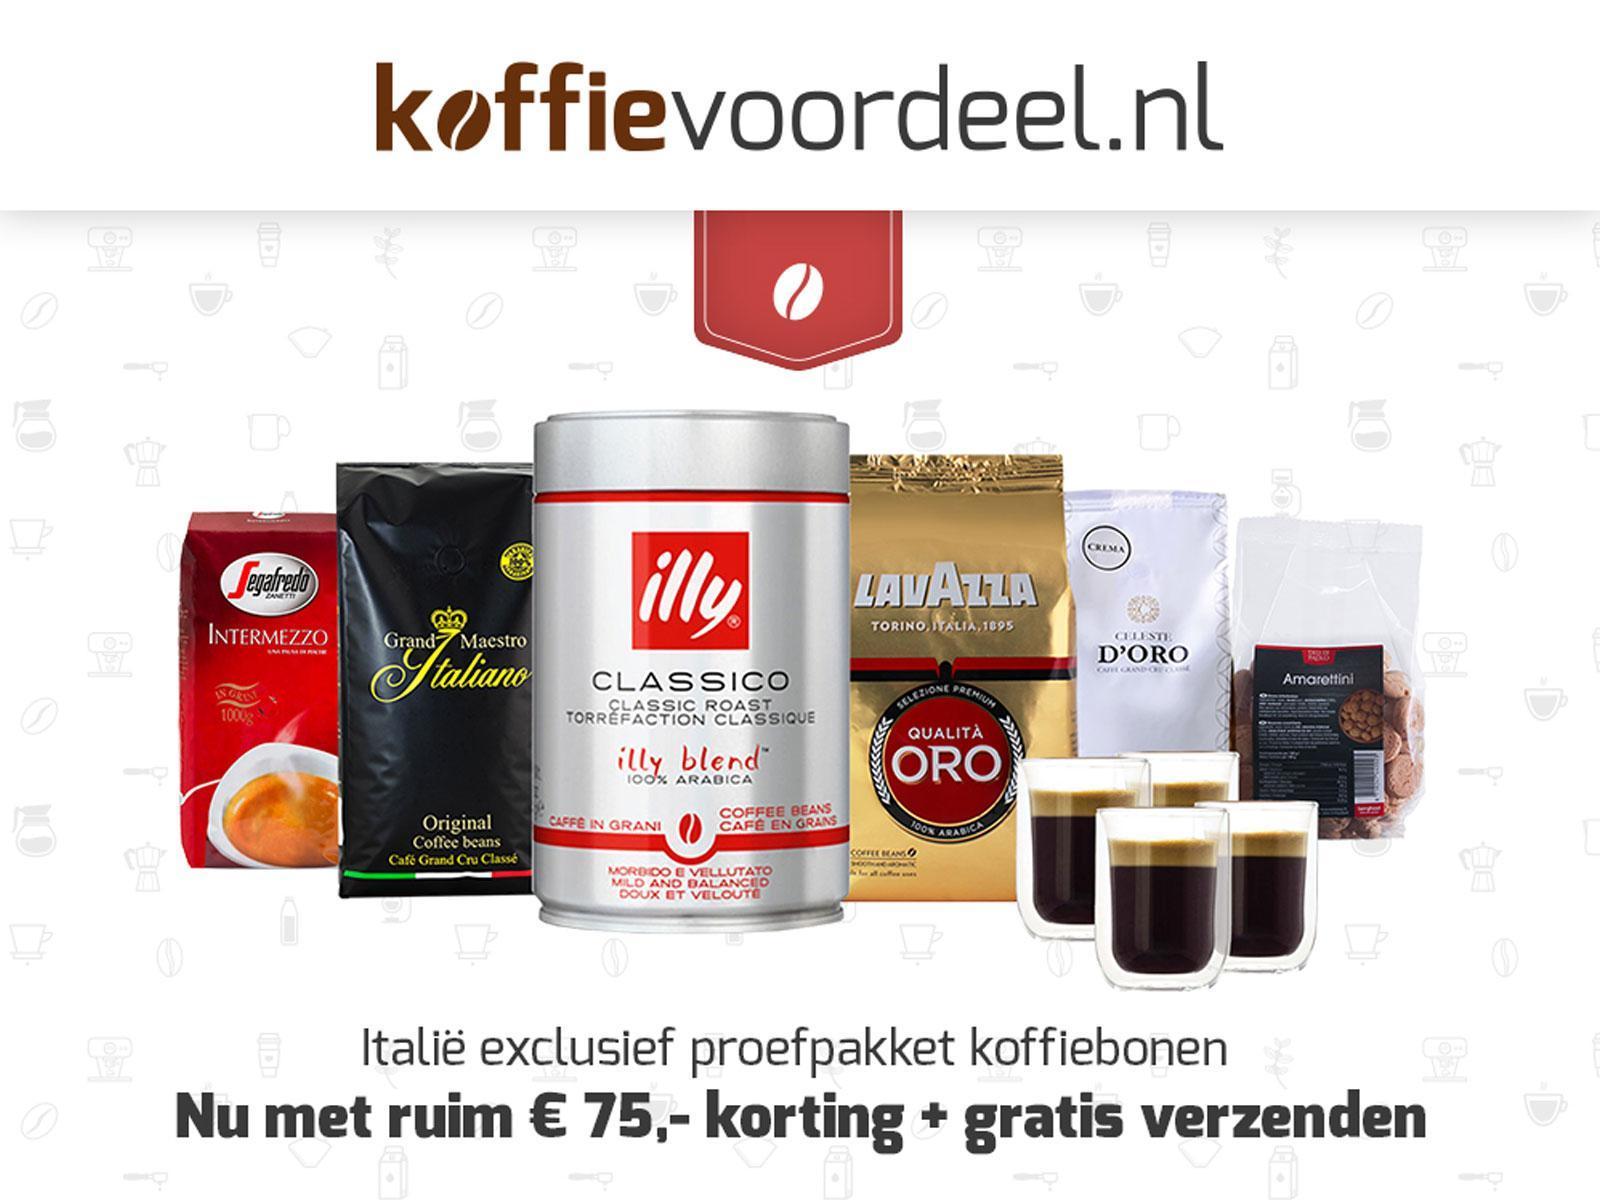 [ING] Koffiepakket Van 130 naar 50 Euro + 500 punten